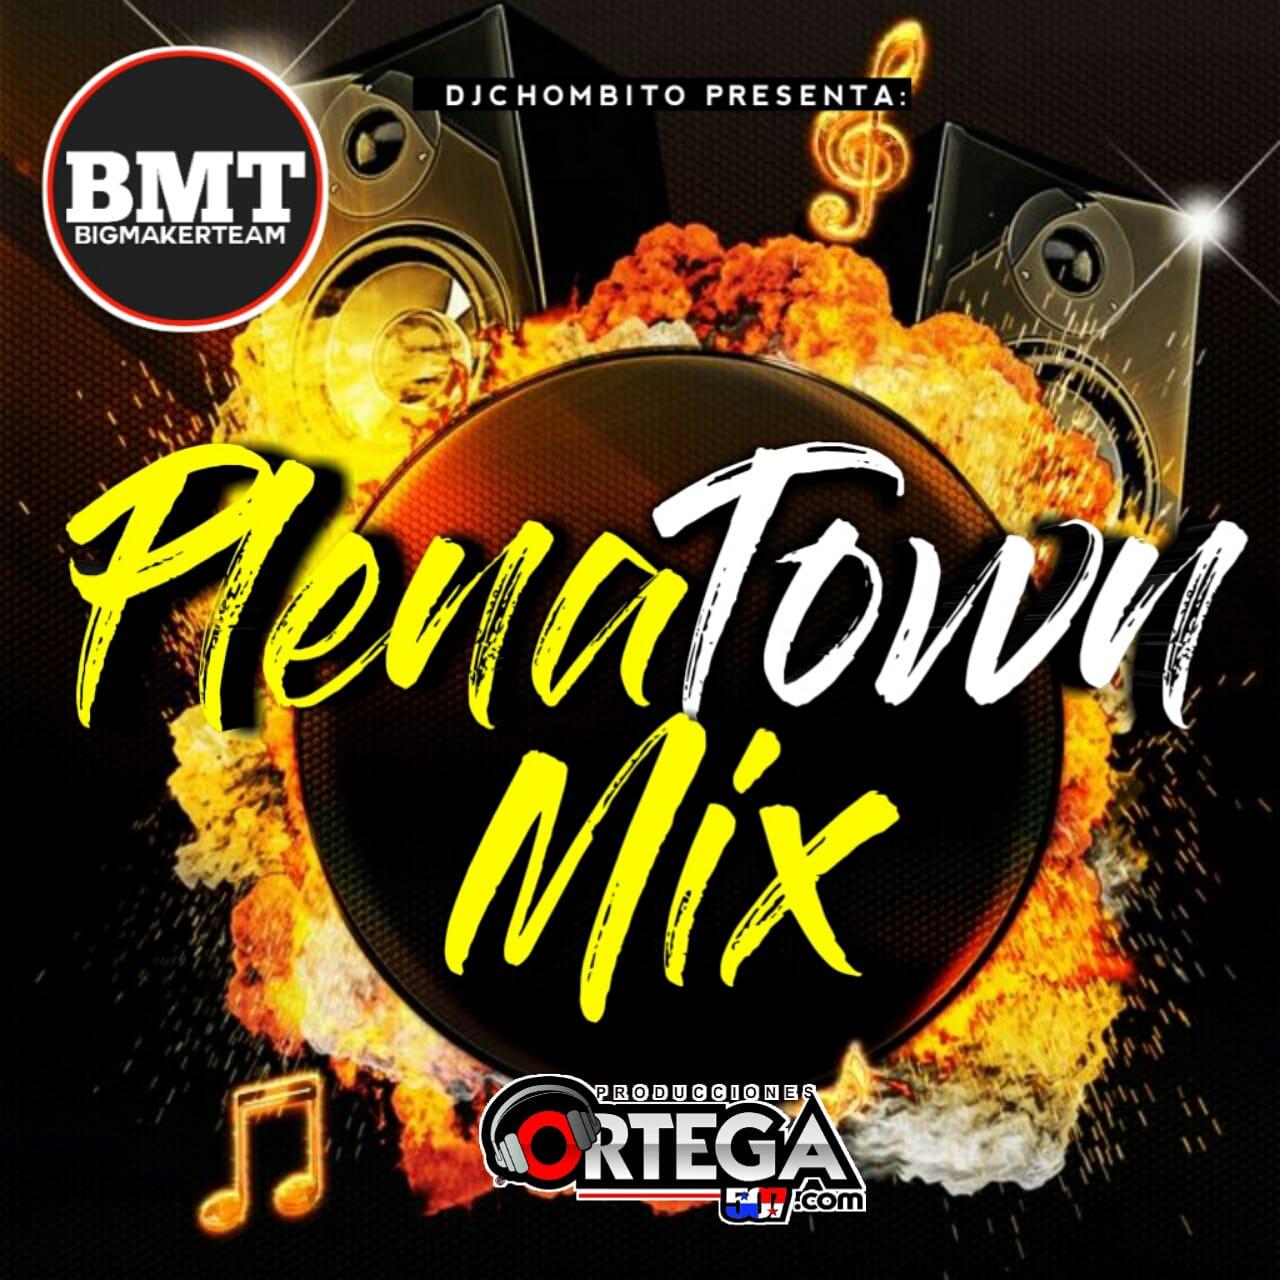 PlenaTownMix-DjChombito